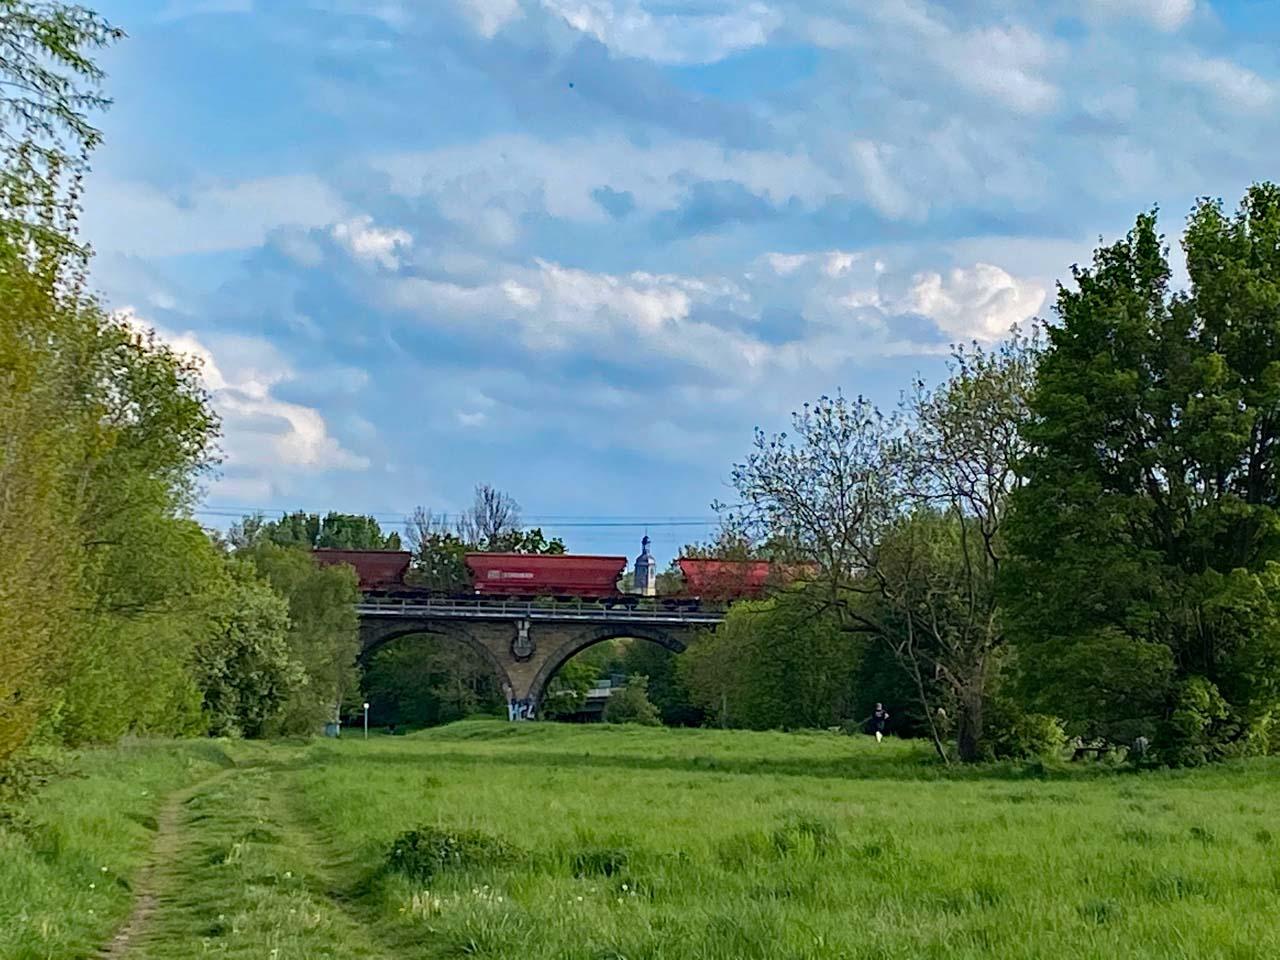 Eisenbahnbrücke mit Güterzug